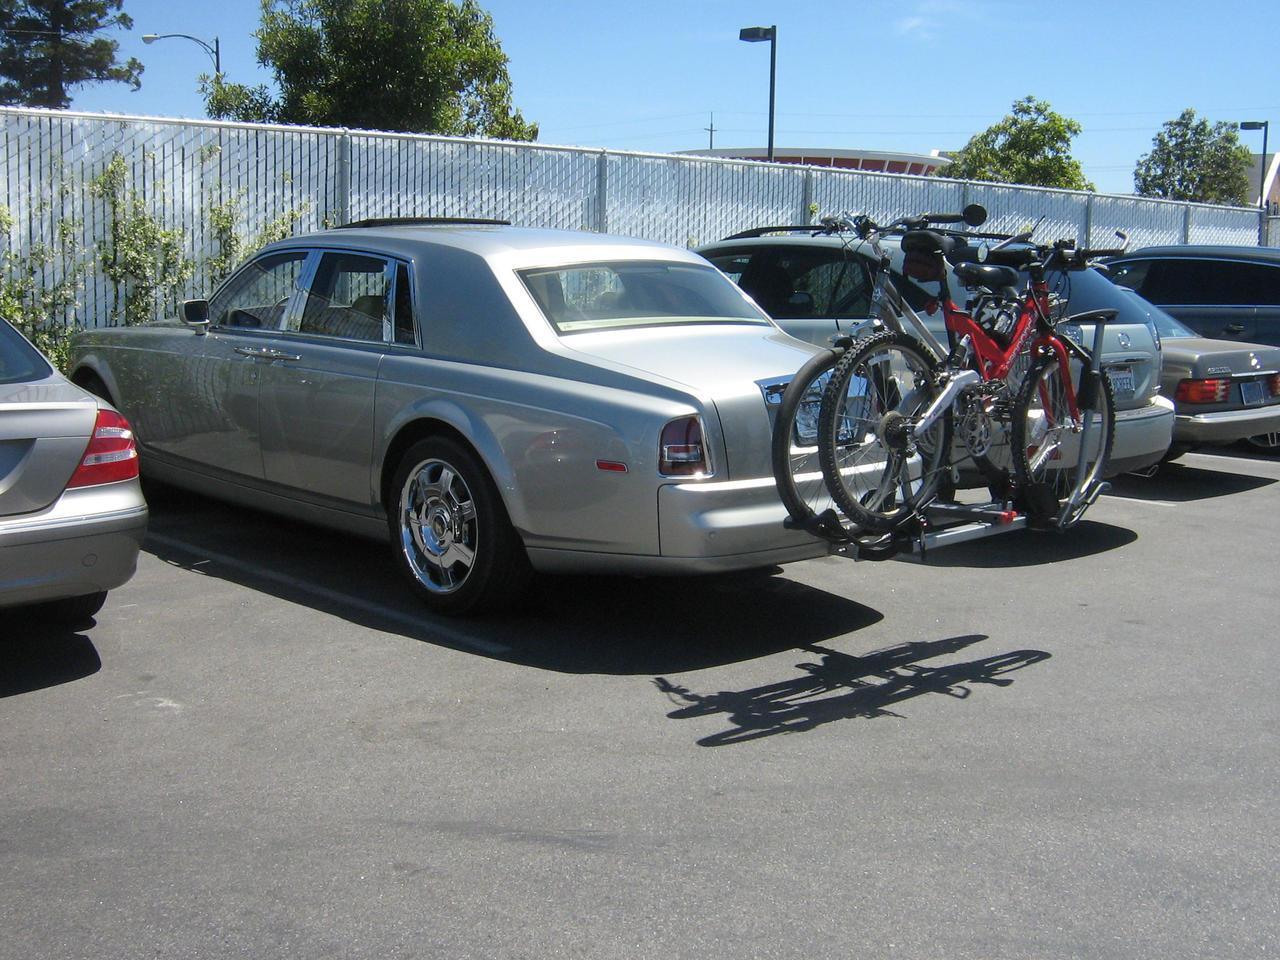 Your Thoughts On Roof Racks On A E Sedan - Bmw 335i bike rack